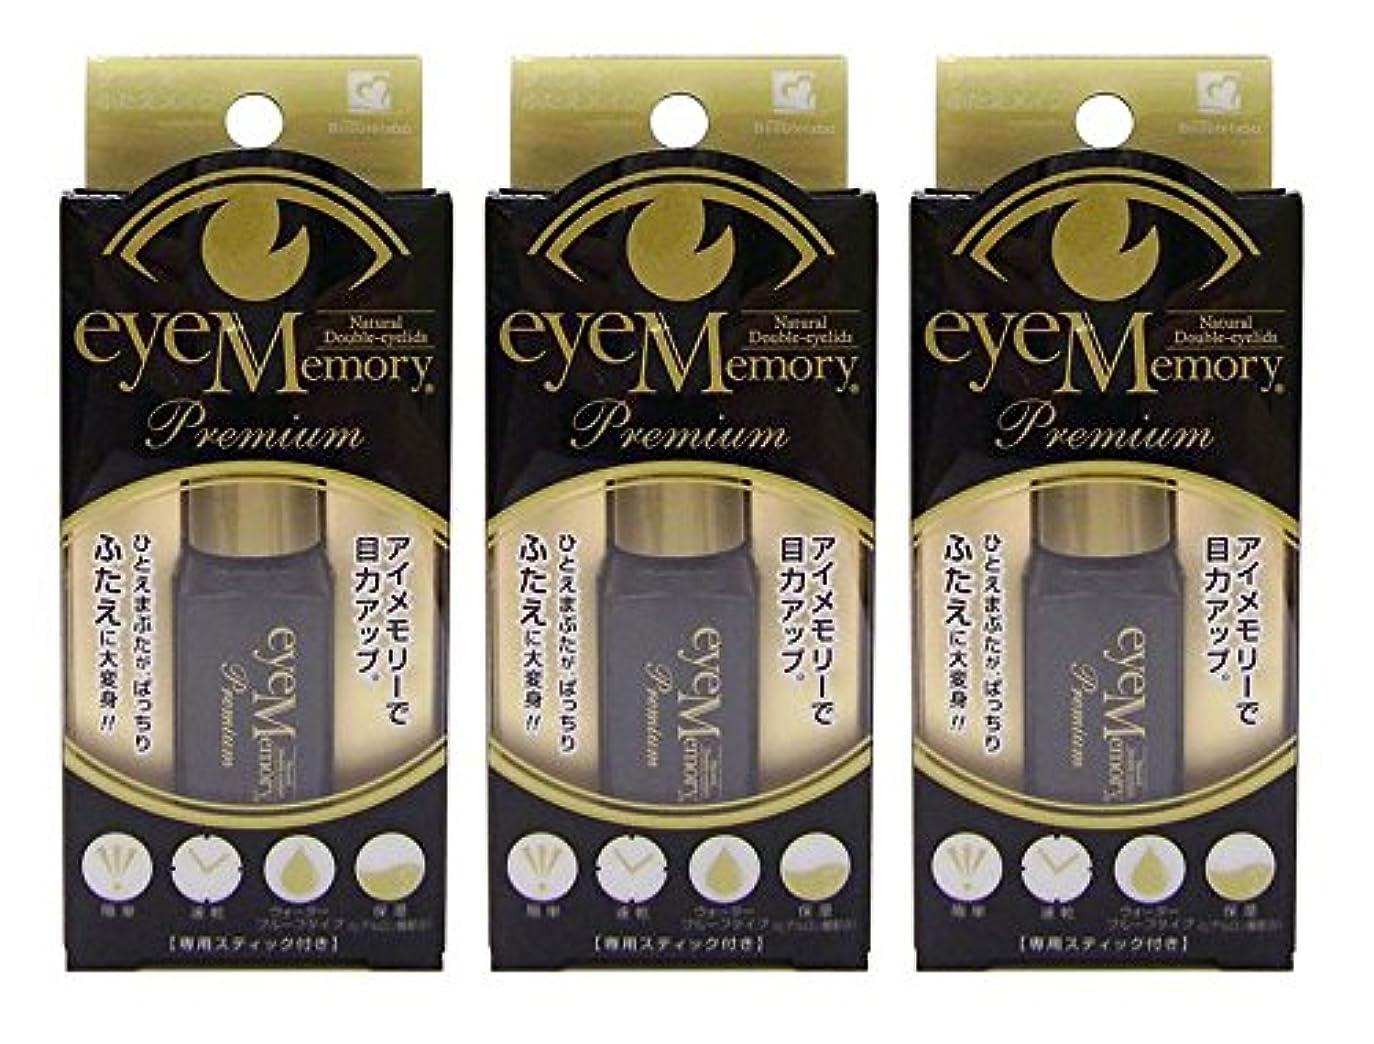 構成員あえぎコンテンポラリーアイメモリー モイスチャー プレミアム 4ml (二重まぶた化粧品) 3個セット